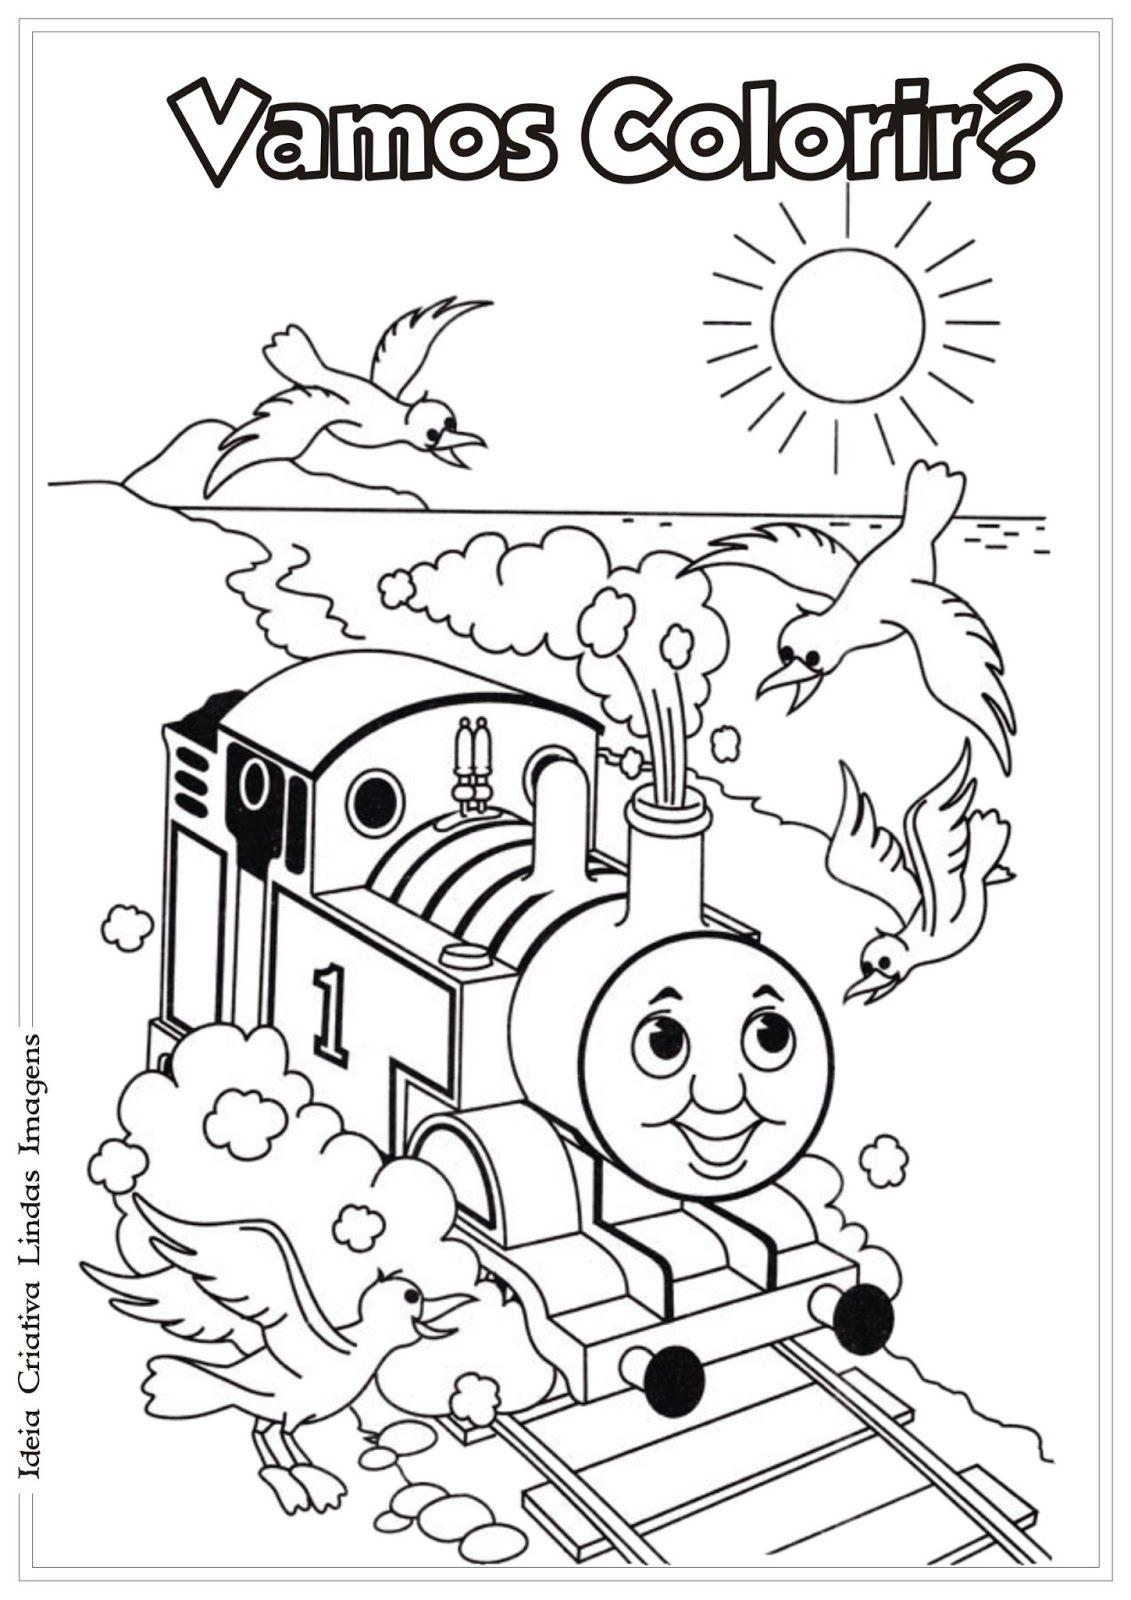 Ideia Criativa Lindas Imagens Desenho Thomas E Seus Amigos Para